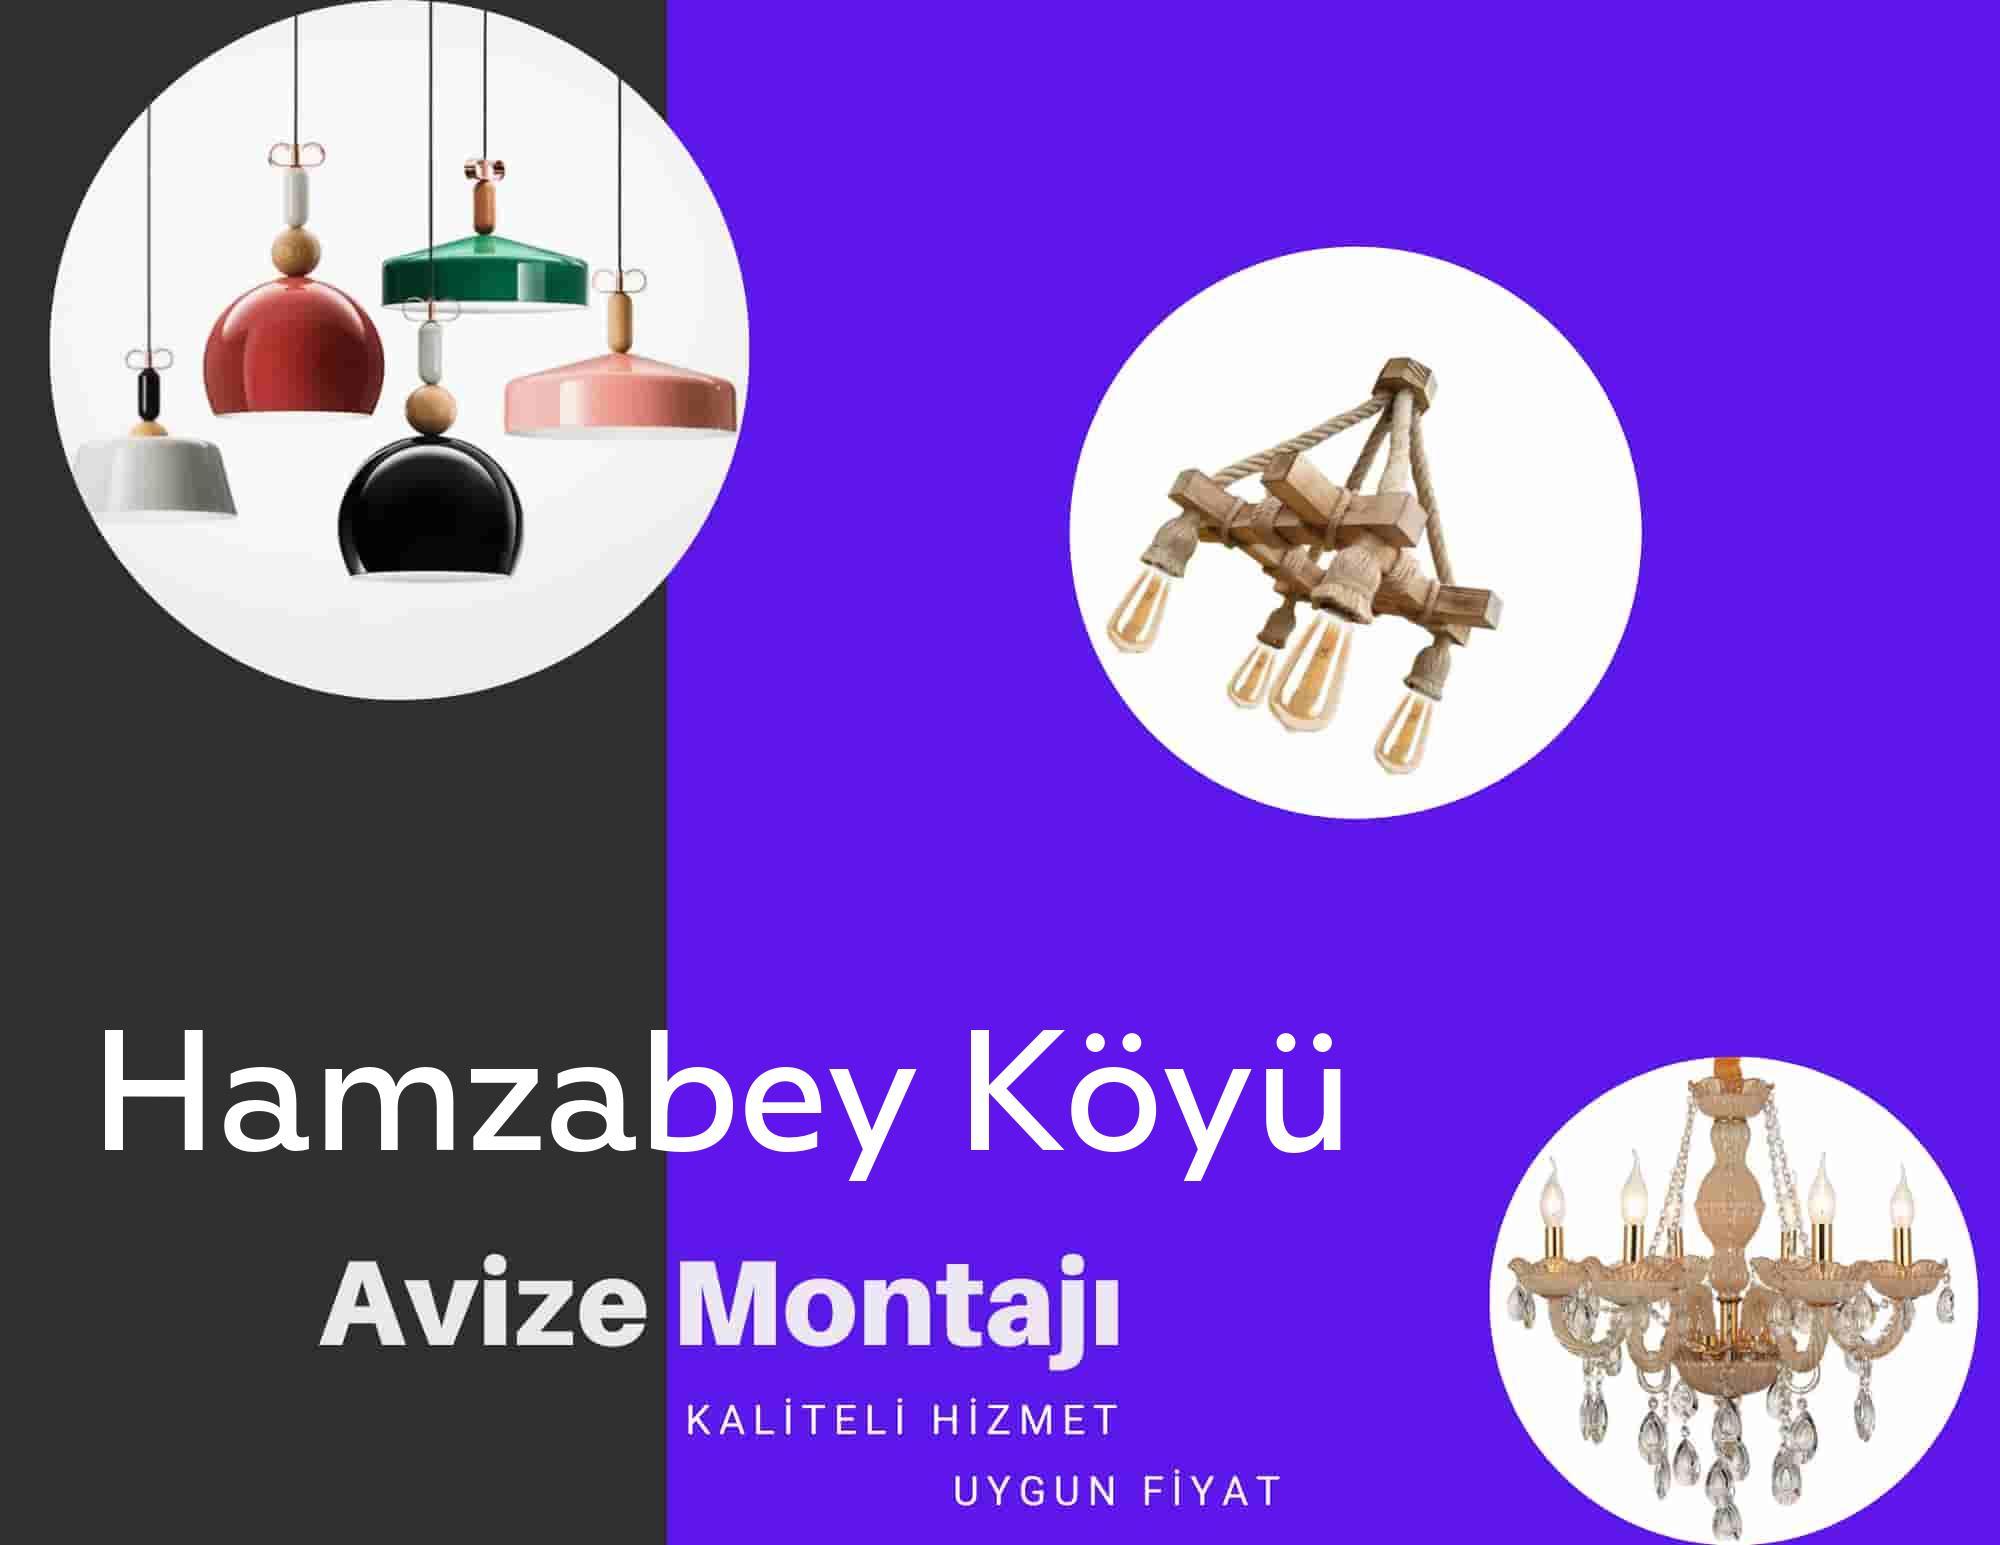 Hamzabey Köyüde avize montajı yapan yerler arıyorsanız elektrikcicagir anında size profesyonel avize montajı ustasını yönlendirir.